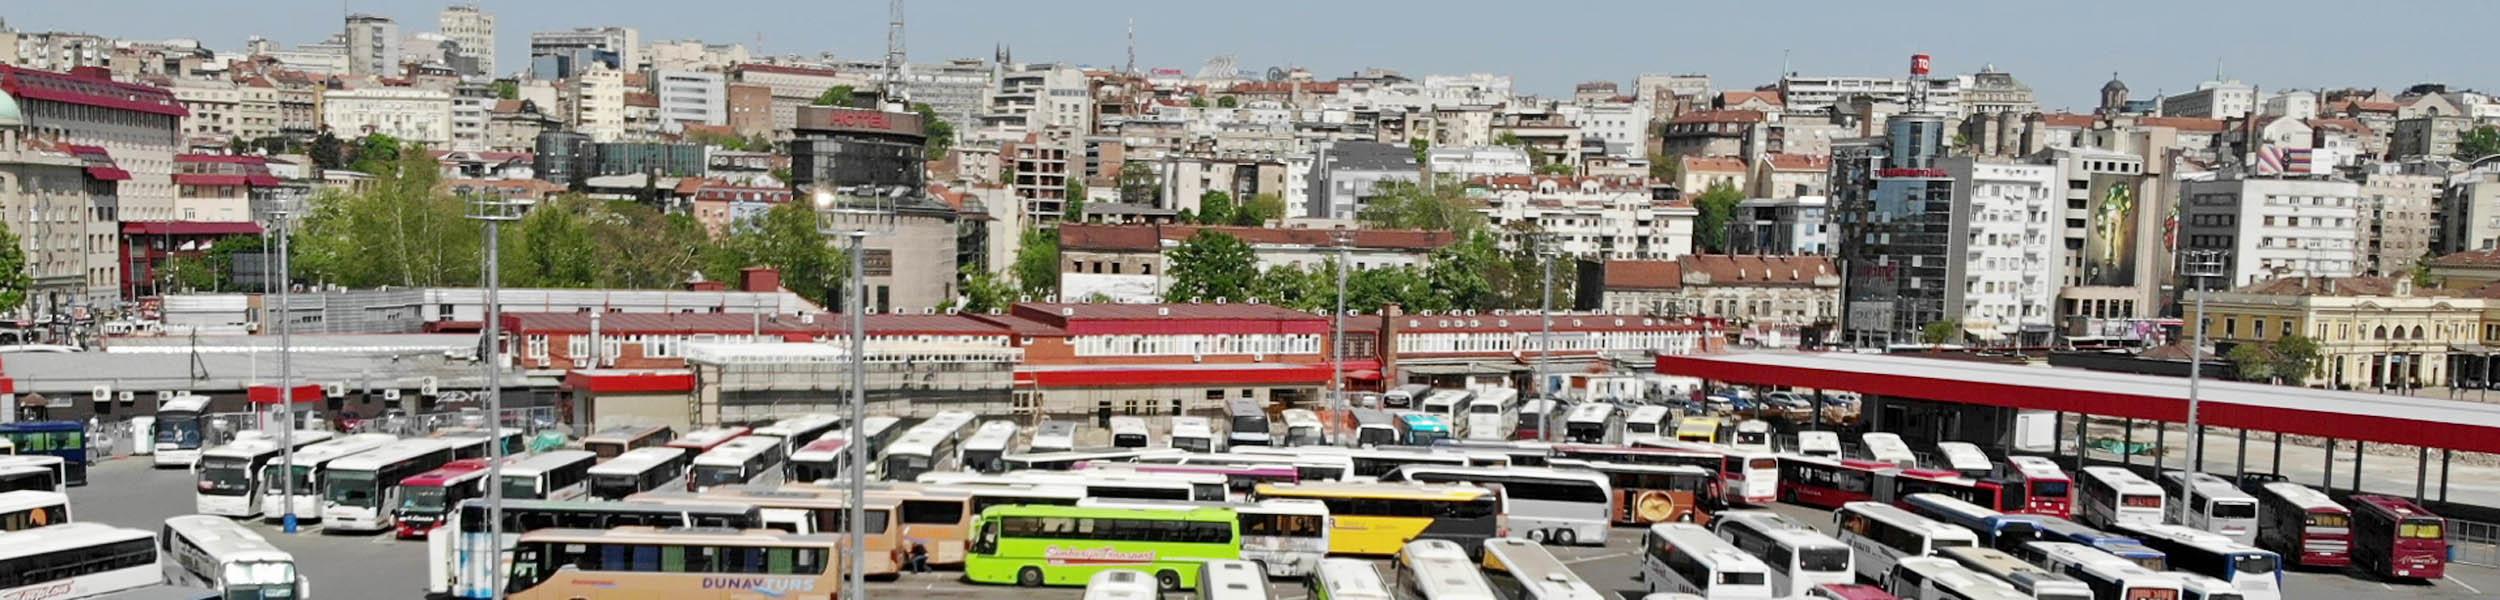 Београдска аутобуска станица